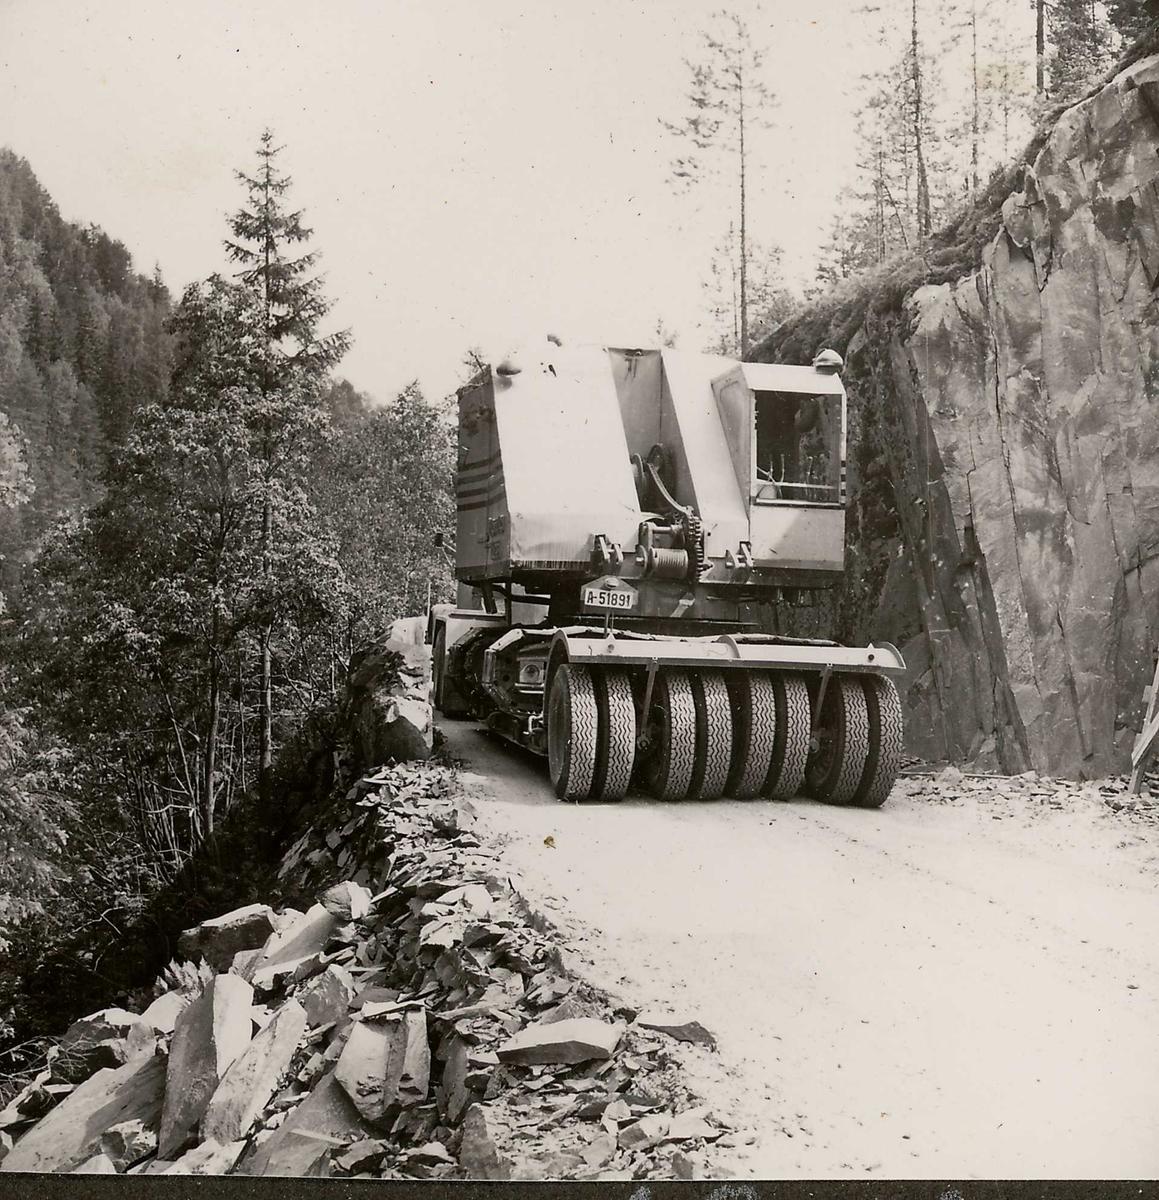 Transp Åmot- Dalen 13, juli 58